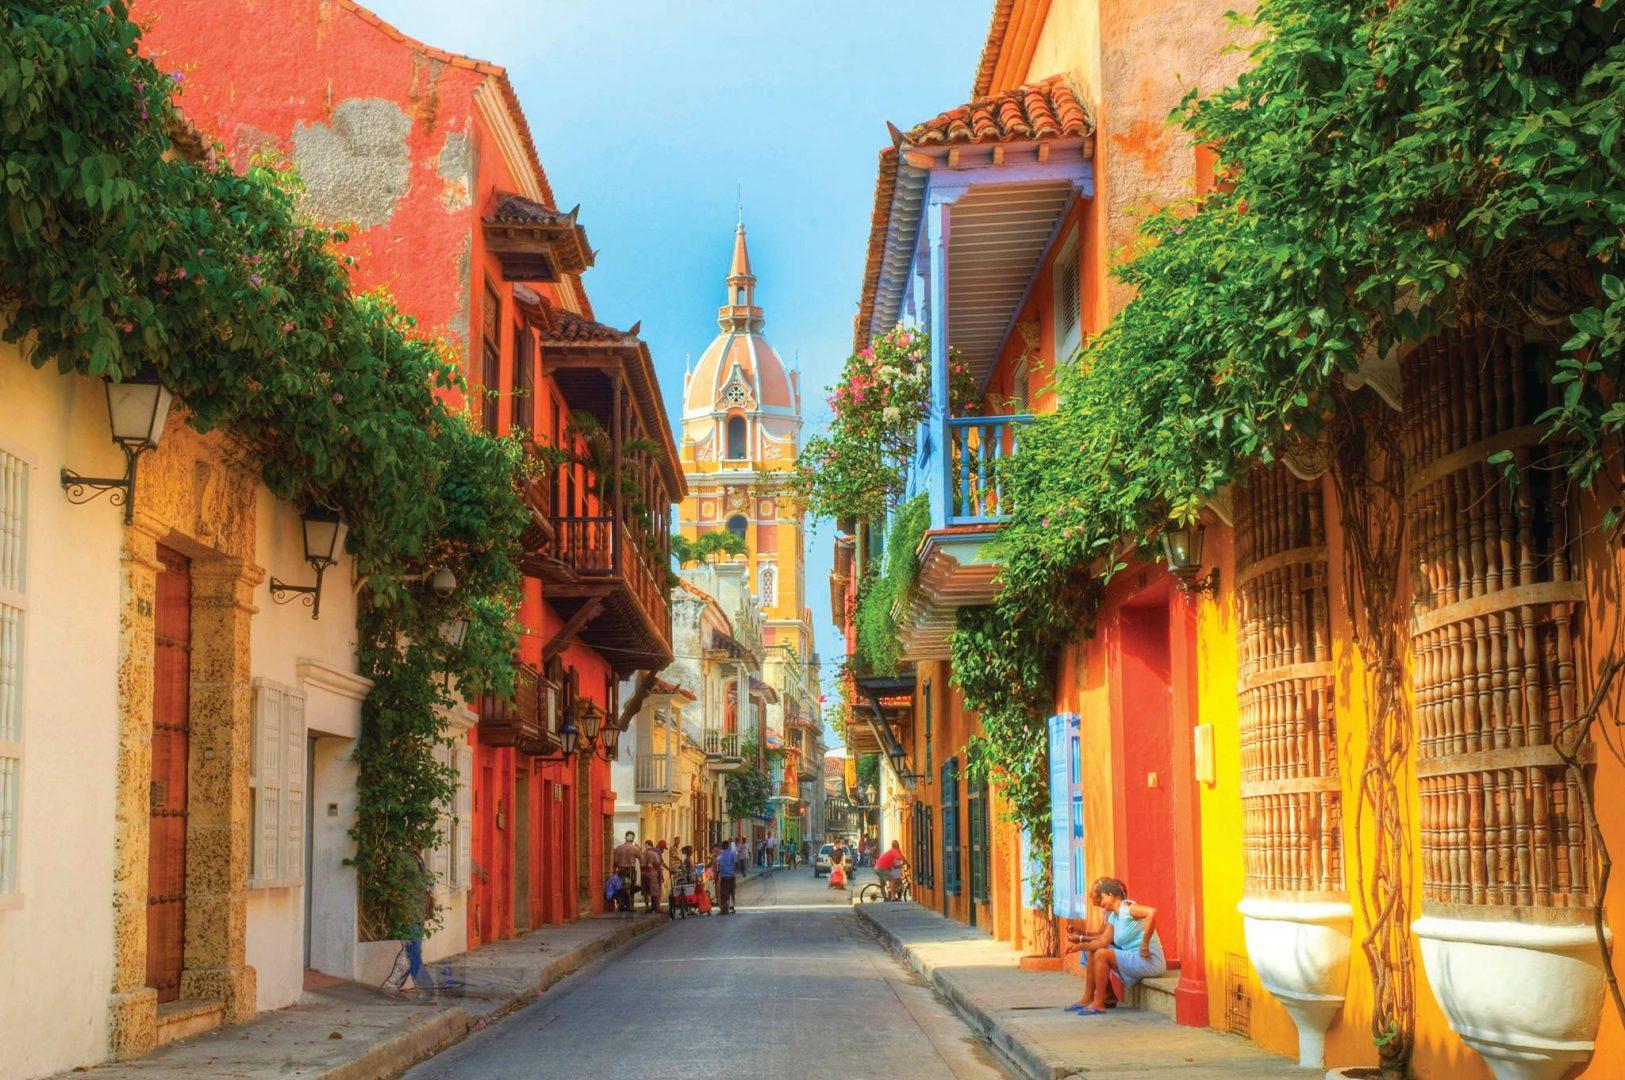 Колумбия: культура и солнце 2019